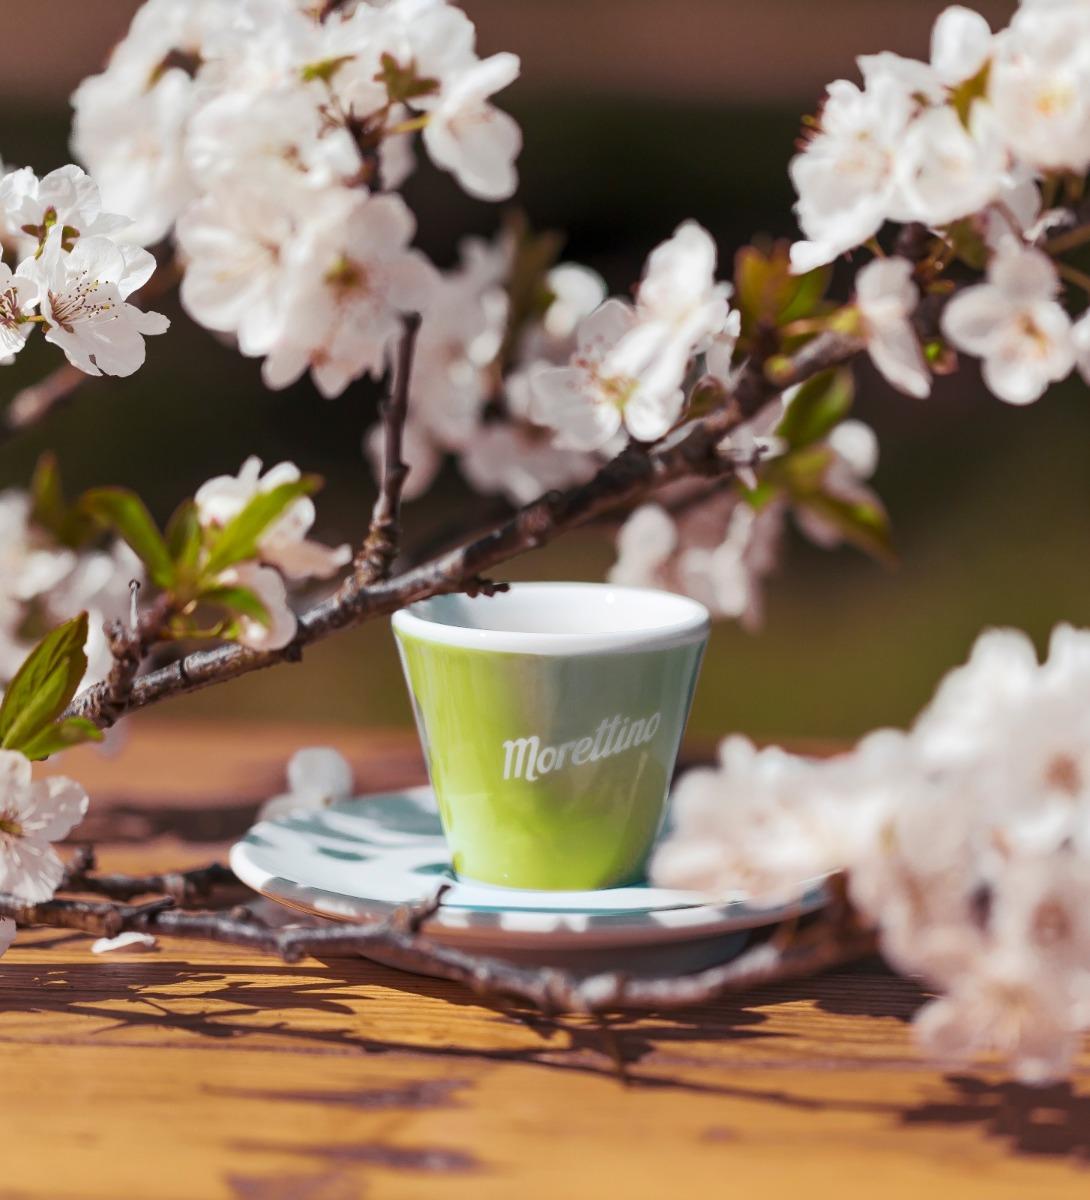 NaturaSì sceglie Morettino: il caffè biologico siciliano protagonista al Sana di Bologna